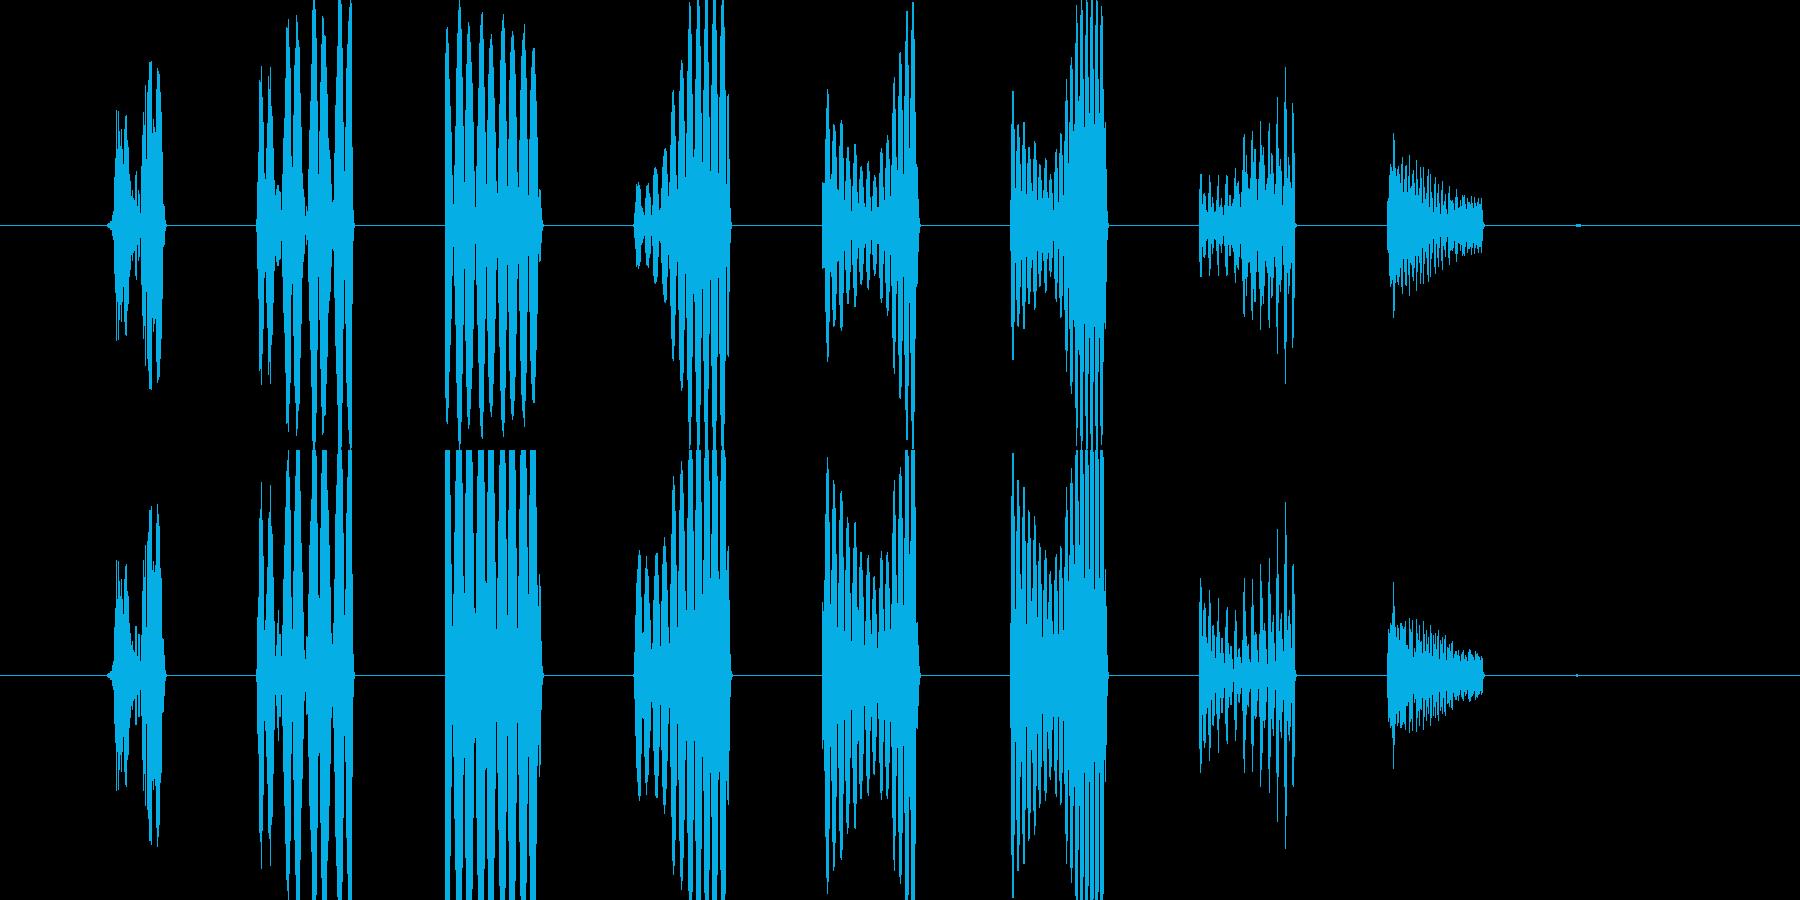 効果音(スタート音)の再生済みの波形